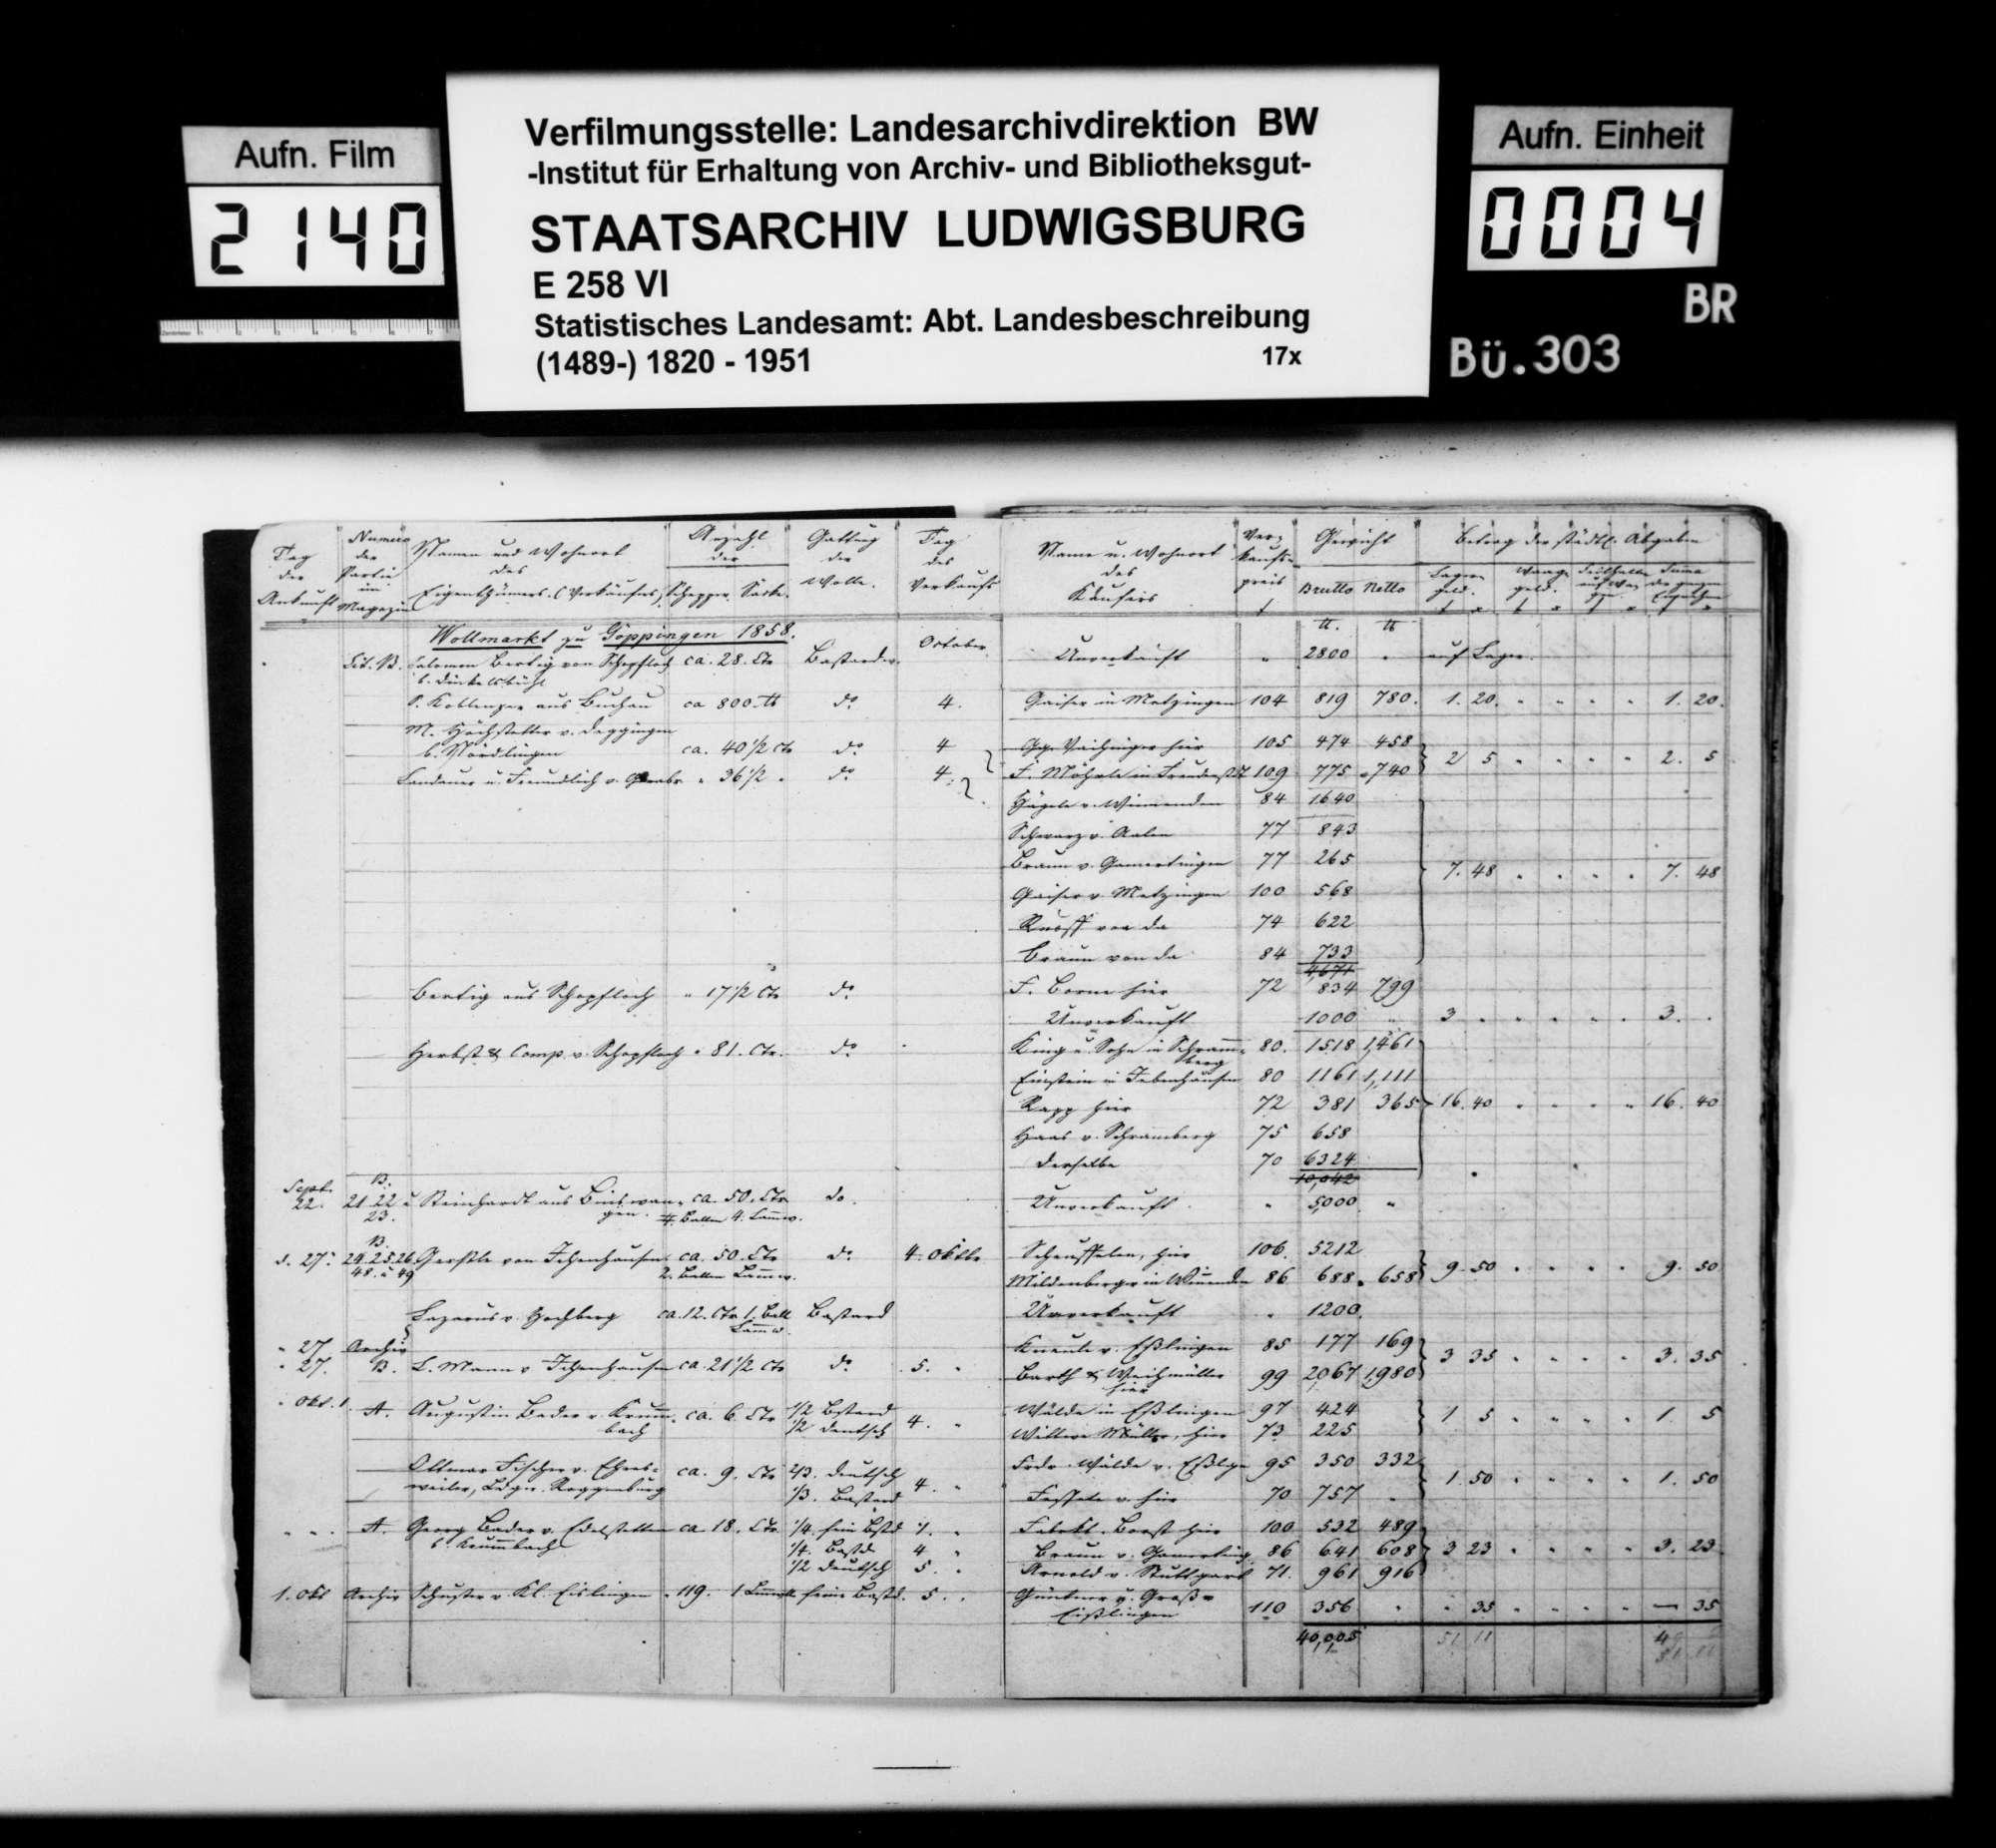 Tabellen, Berechnungen, Notizen und Fließtexte des Trigonometers Diezel [in der Kanzlei des STBs] zum Wollhandel in Württemberg, Bild 3